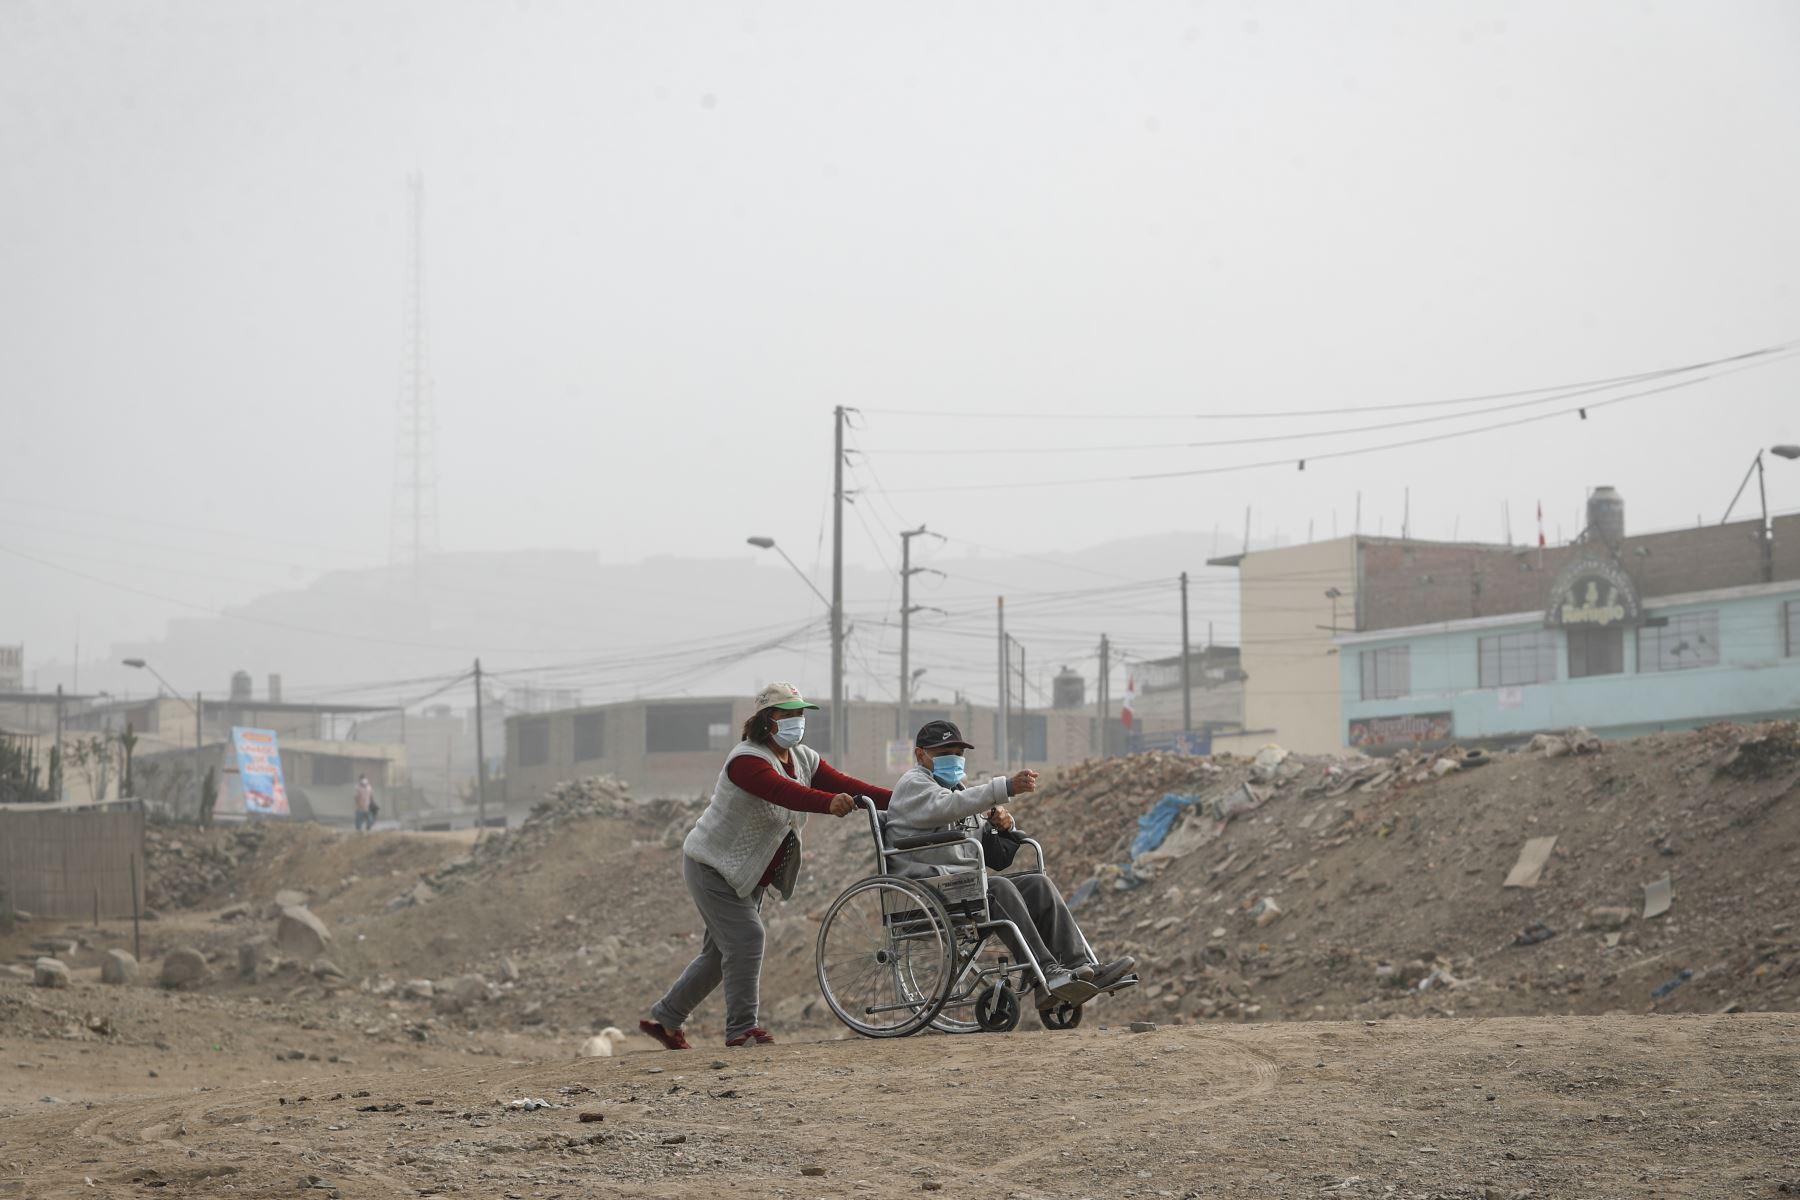 Personas con discapacidad llegaron a uno de los puntos estratégicos para recibir la vacuna de neumococo e influenza. Foto: ANDINA/Renato Pajuelo